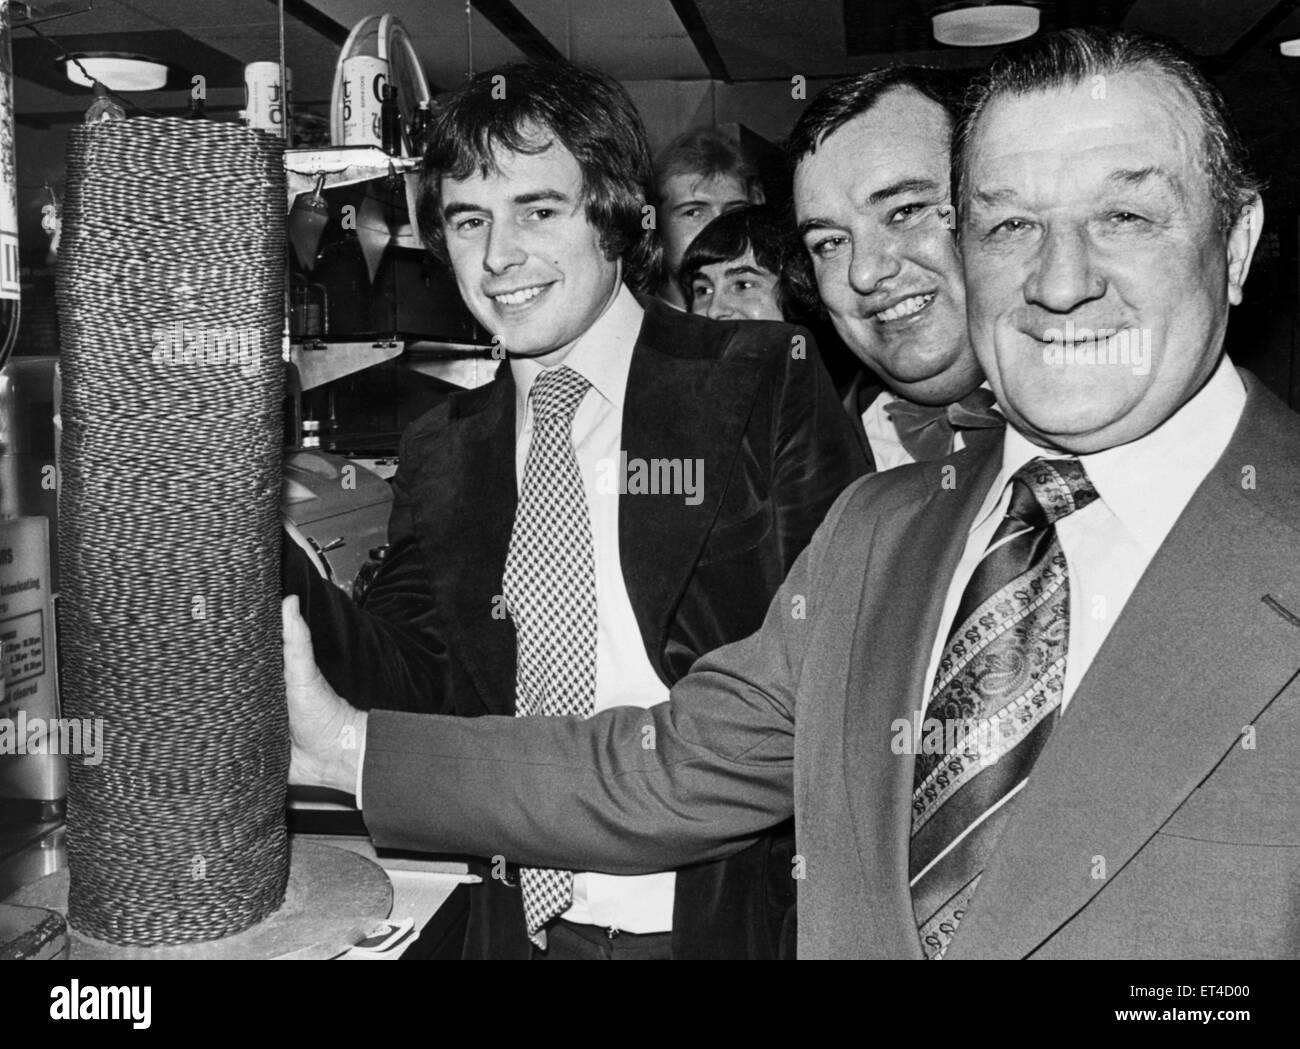 Liverpool manager Bob Paisley aiuta a Nick Owen di BBC radio Birmingham il trasferimento di una pila di monetine Immagini Stock